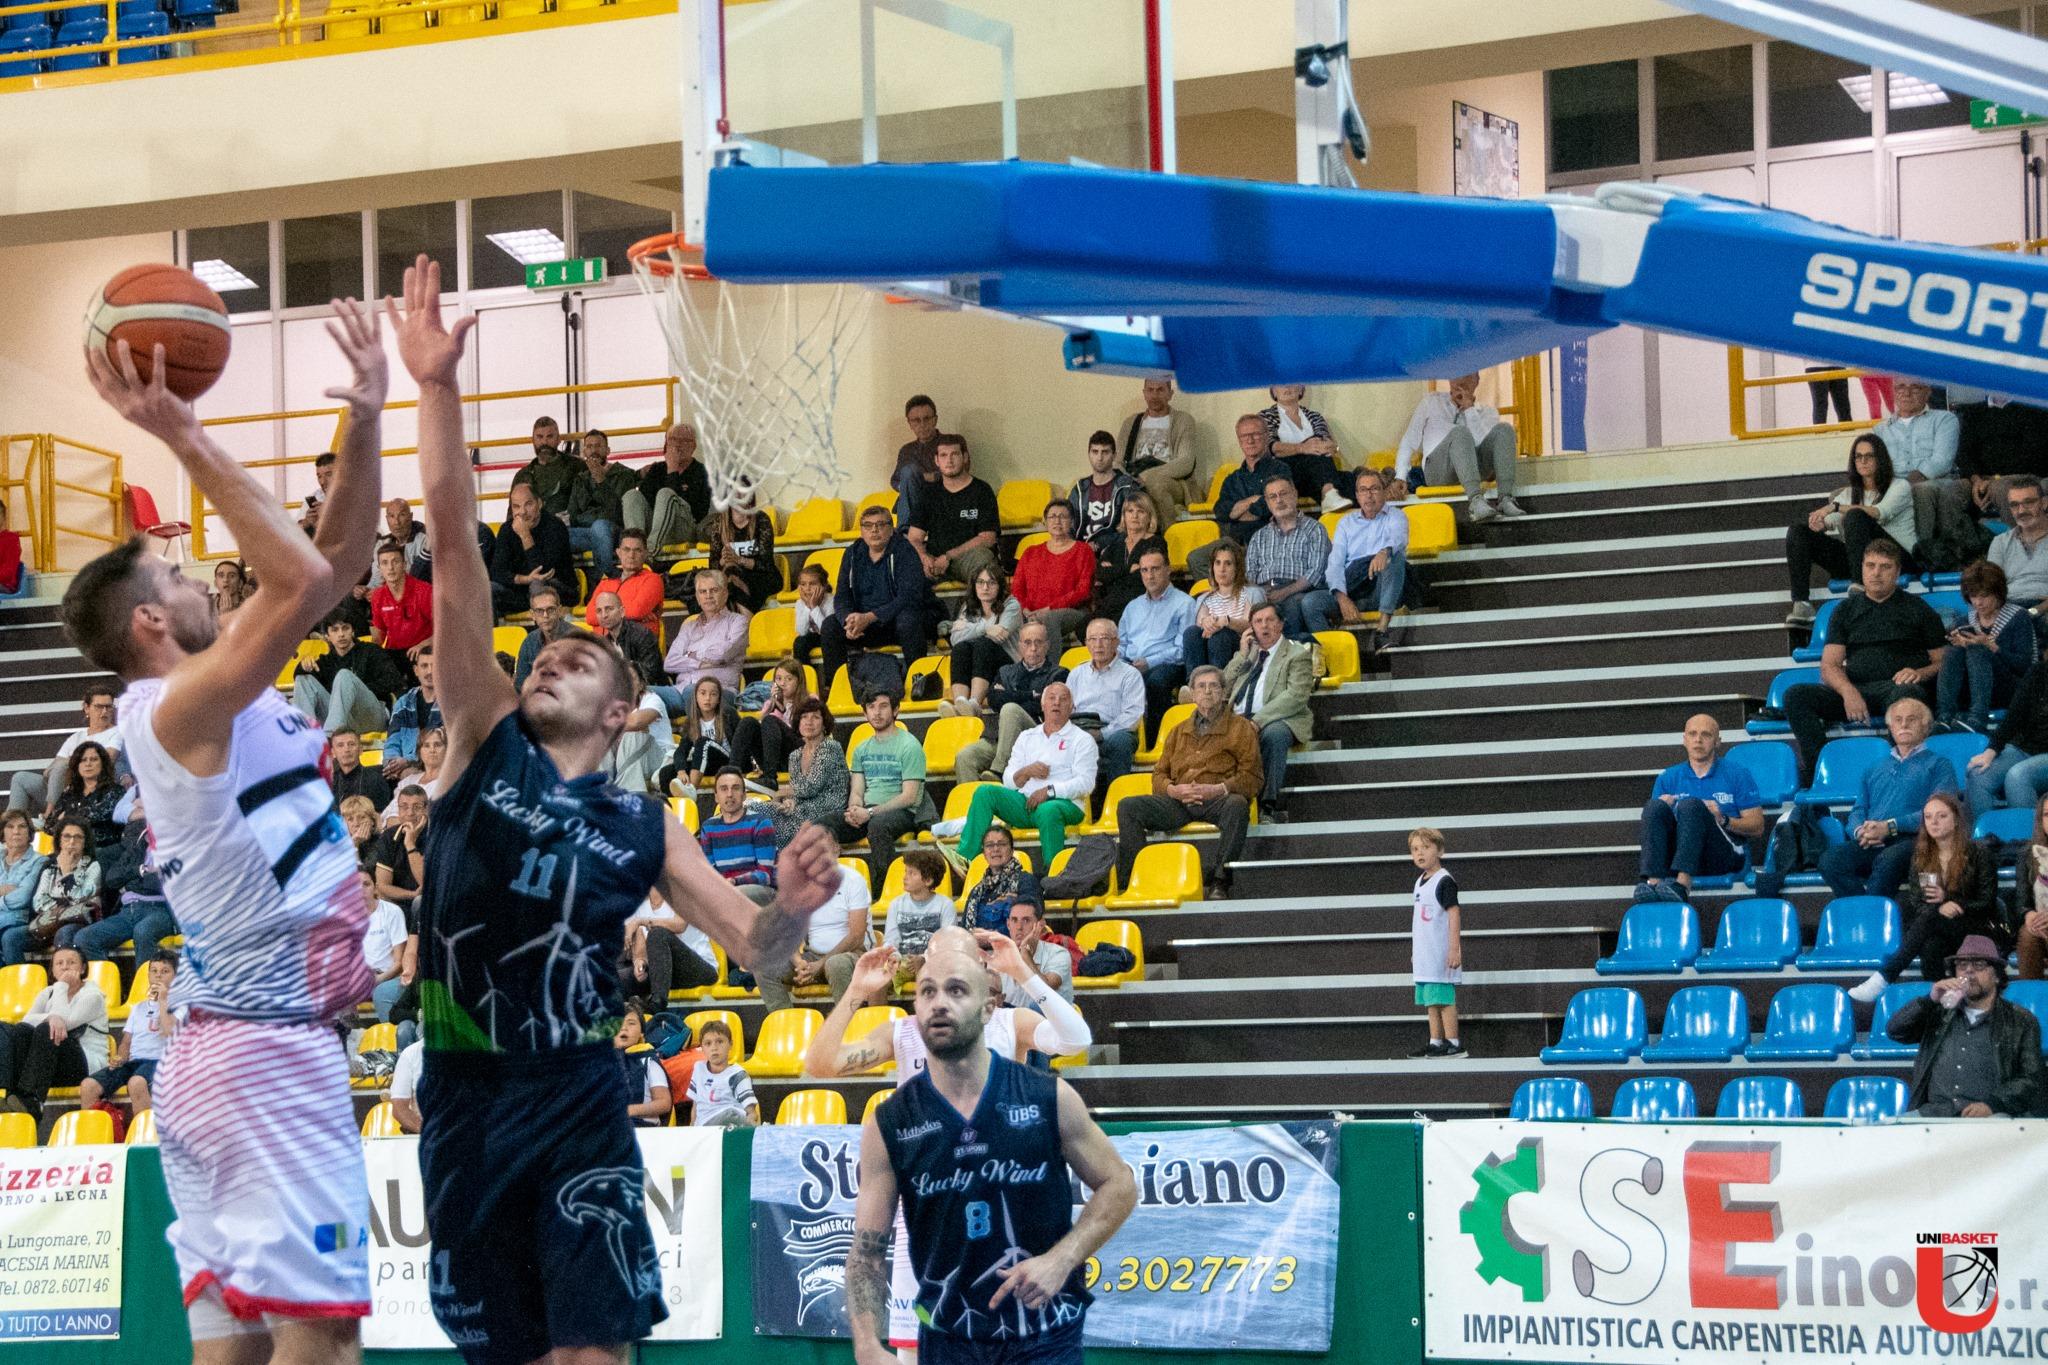 Secondo ko casalingo dell'Unibasket: Foligno espugna Lanciano